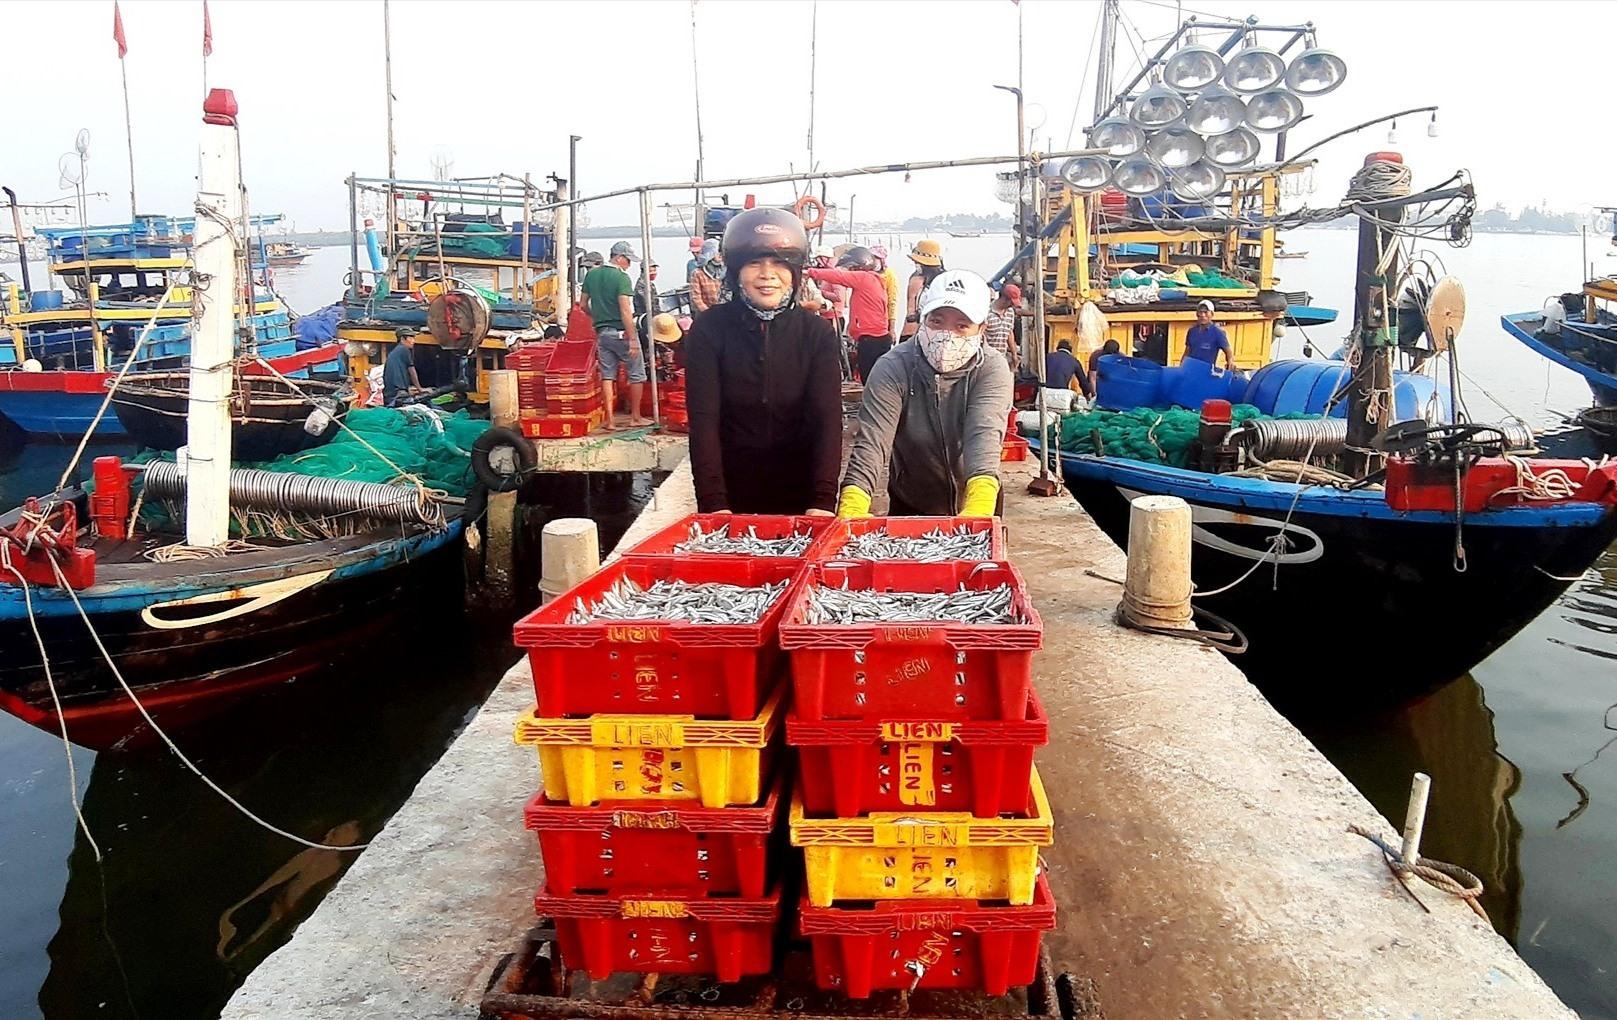 Những năm qua, nghề khai thác hải sản ở Duy Hải mang lại hiệu quả kinh tế cao, góp phần giảm nghèo bền vững. Ảnh: T.S